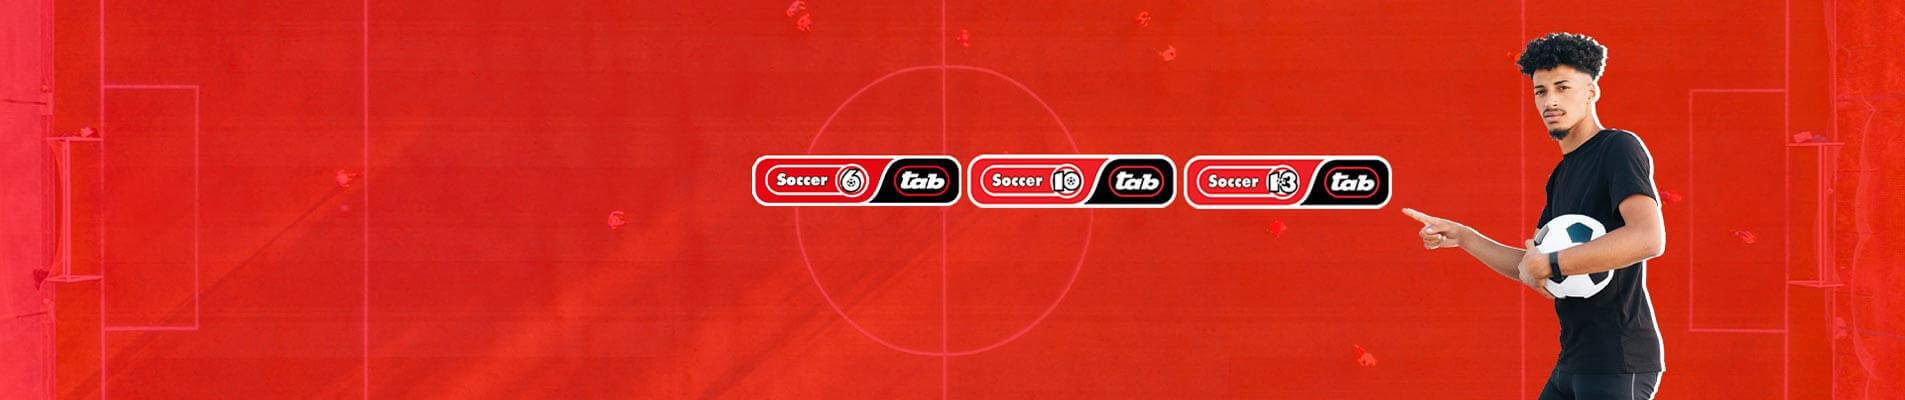 Soccer 6 Zone